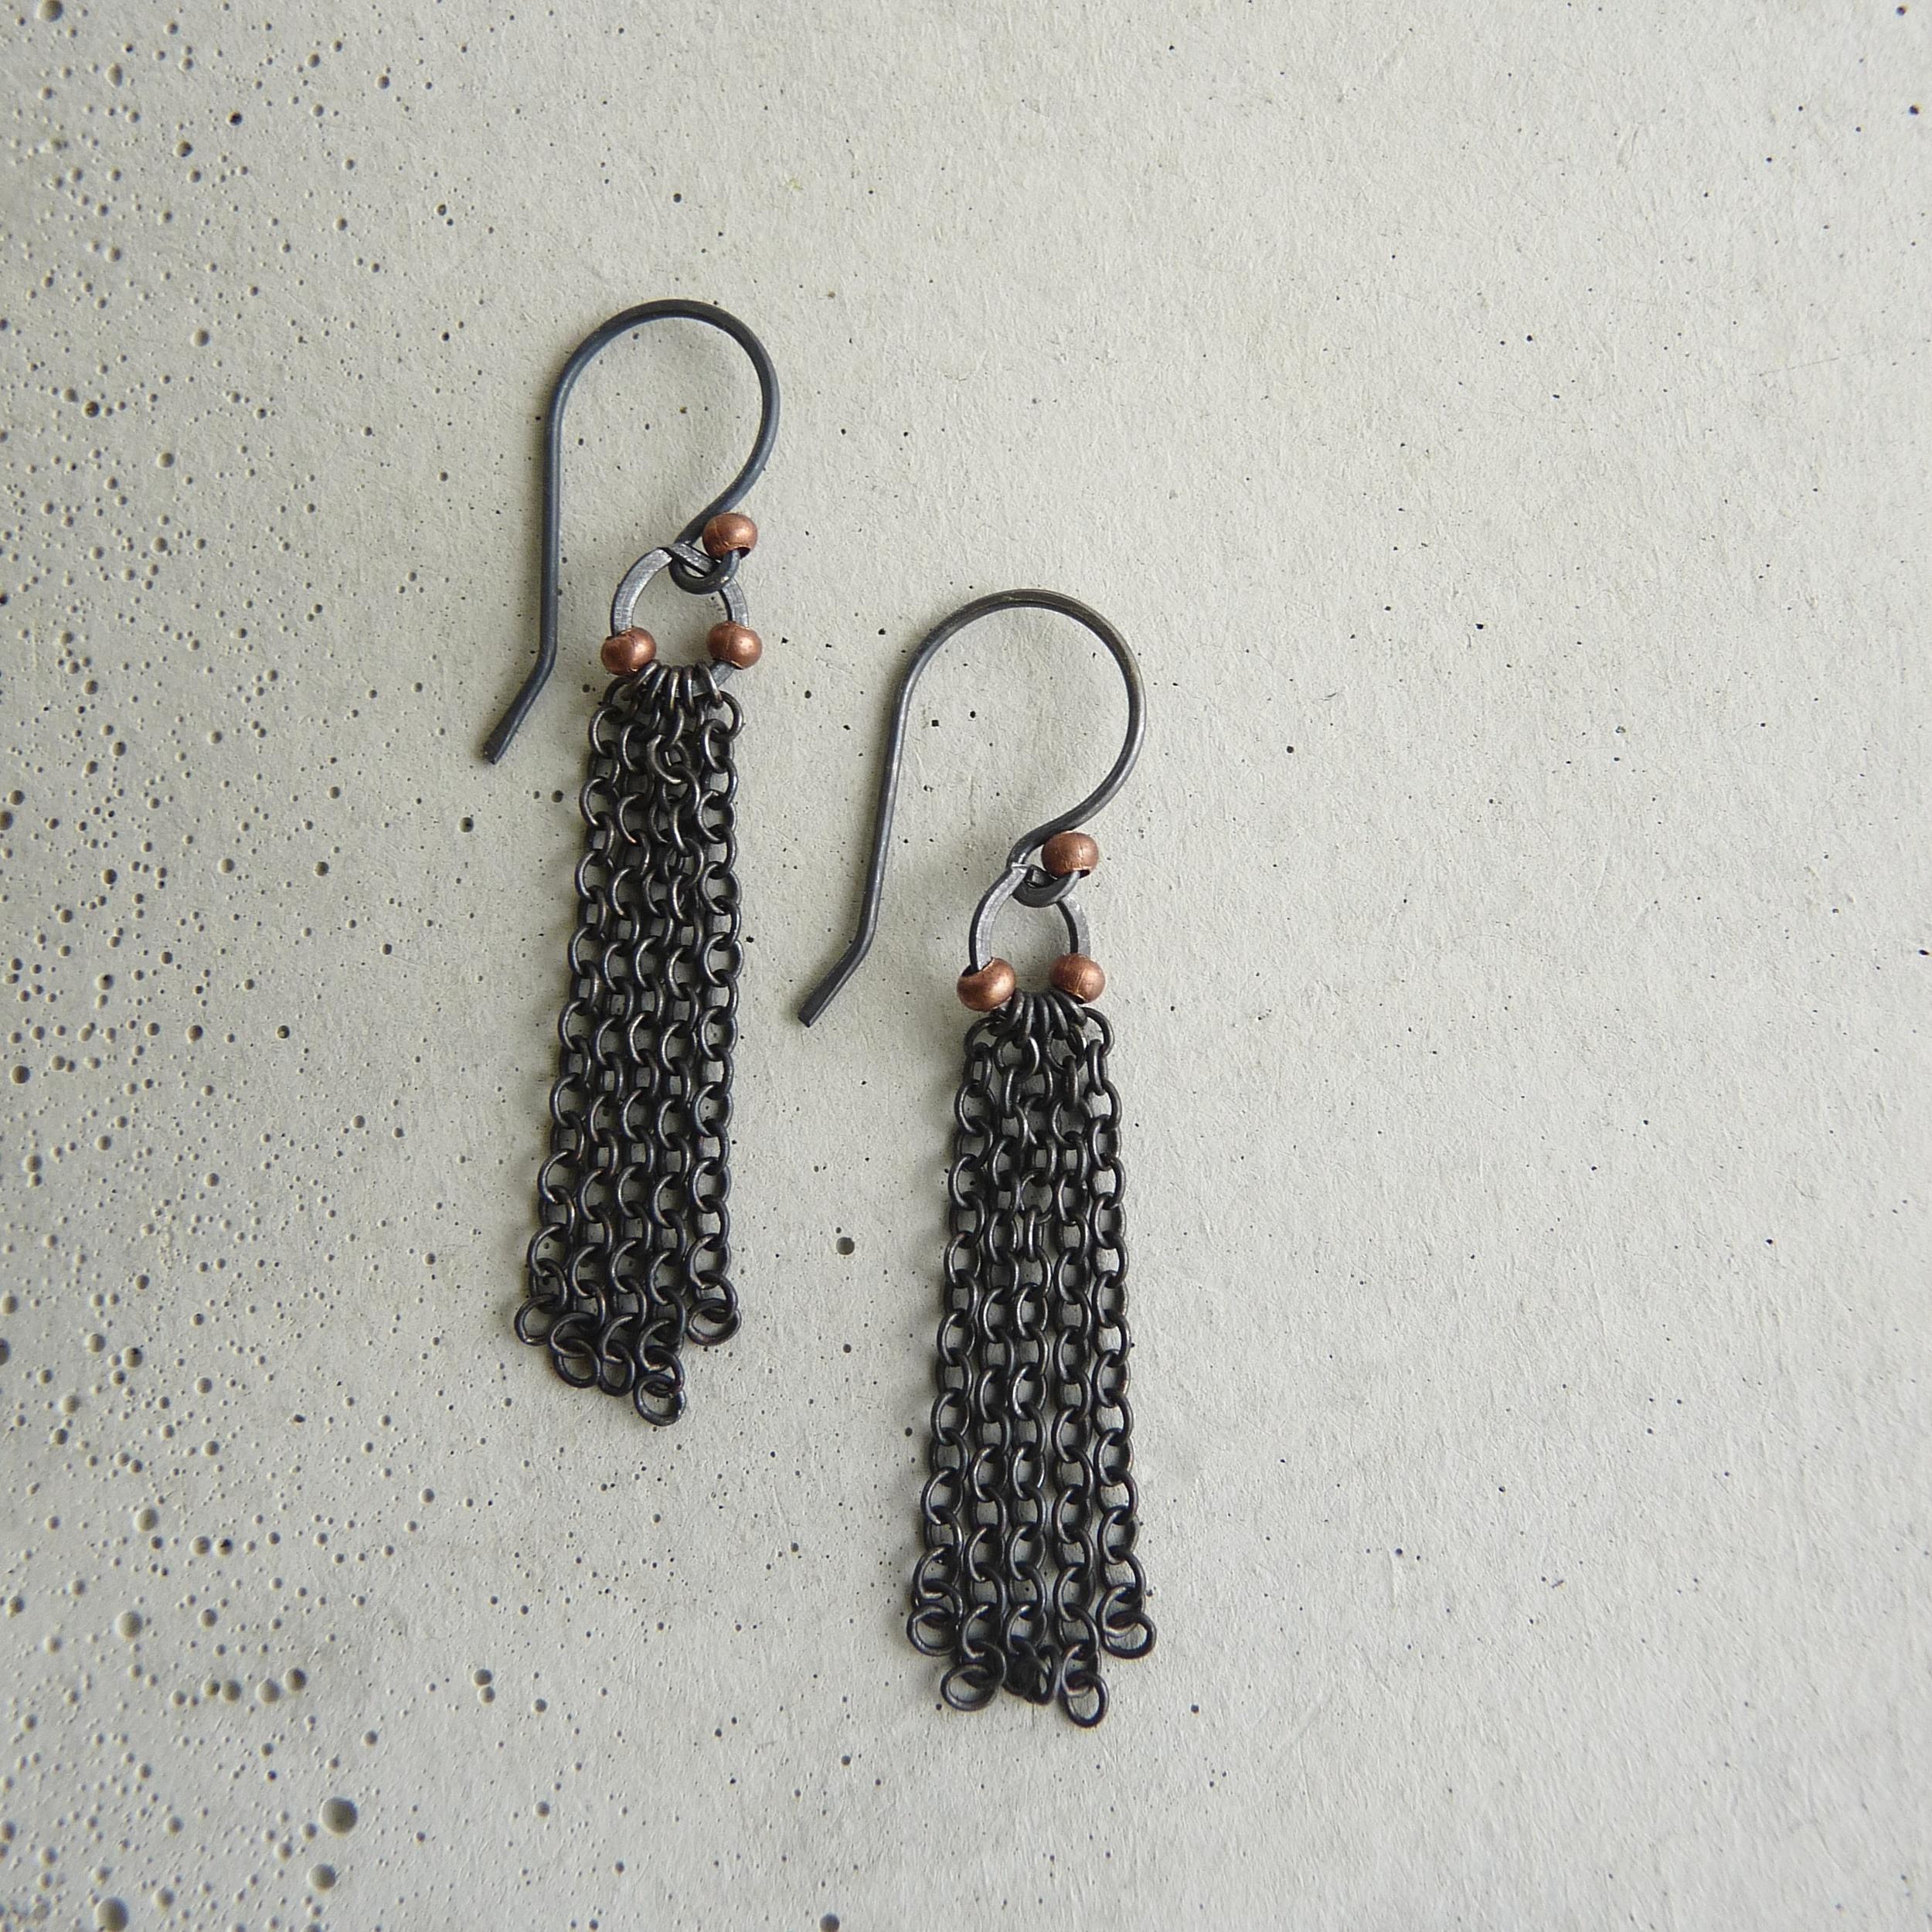 MANE earrings